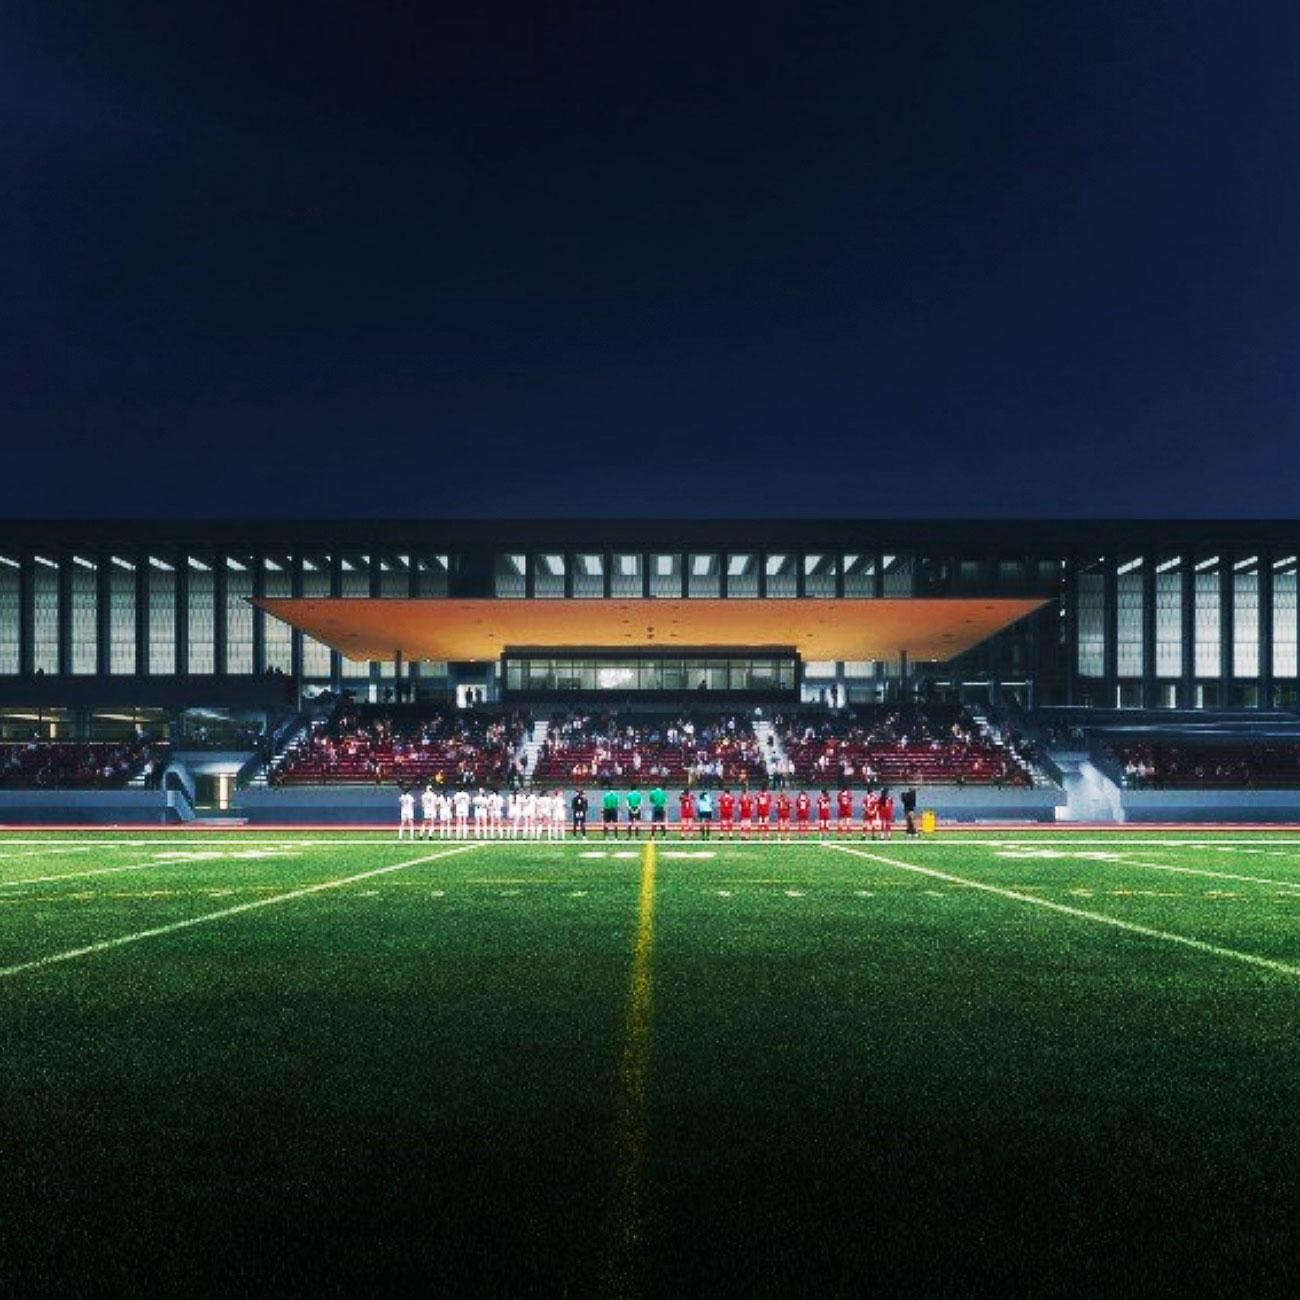 Sky Windows SFU Stadium Night Time